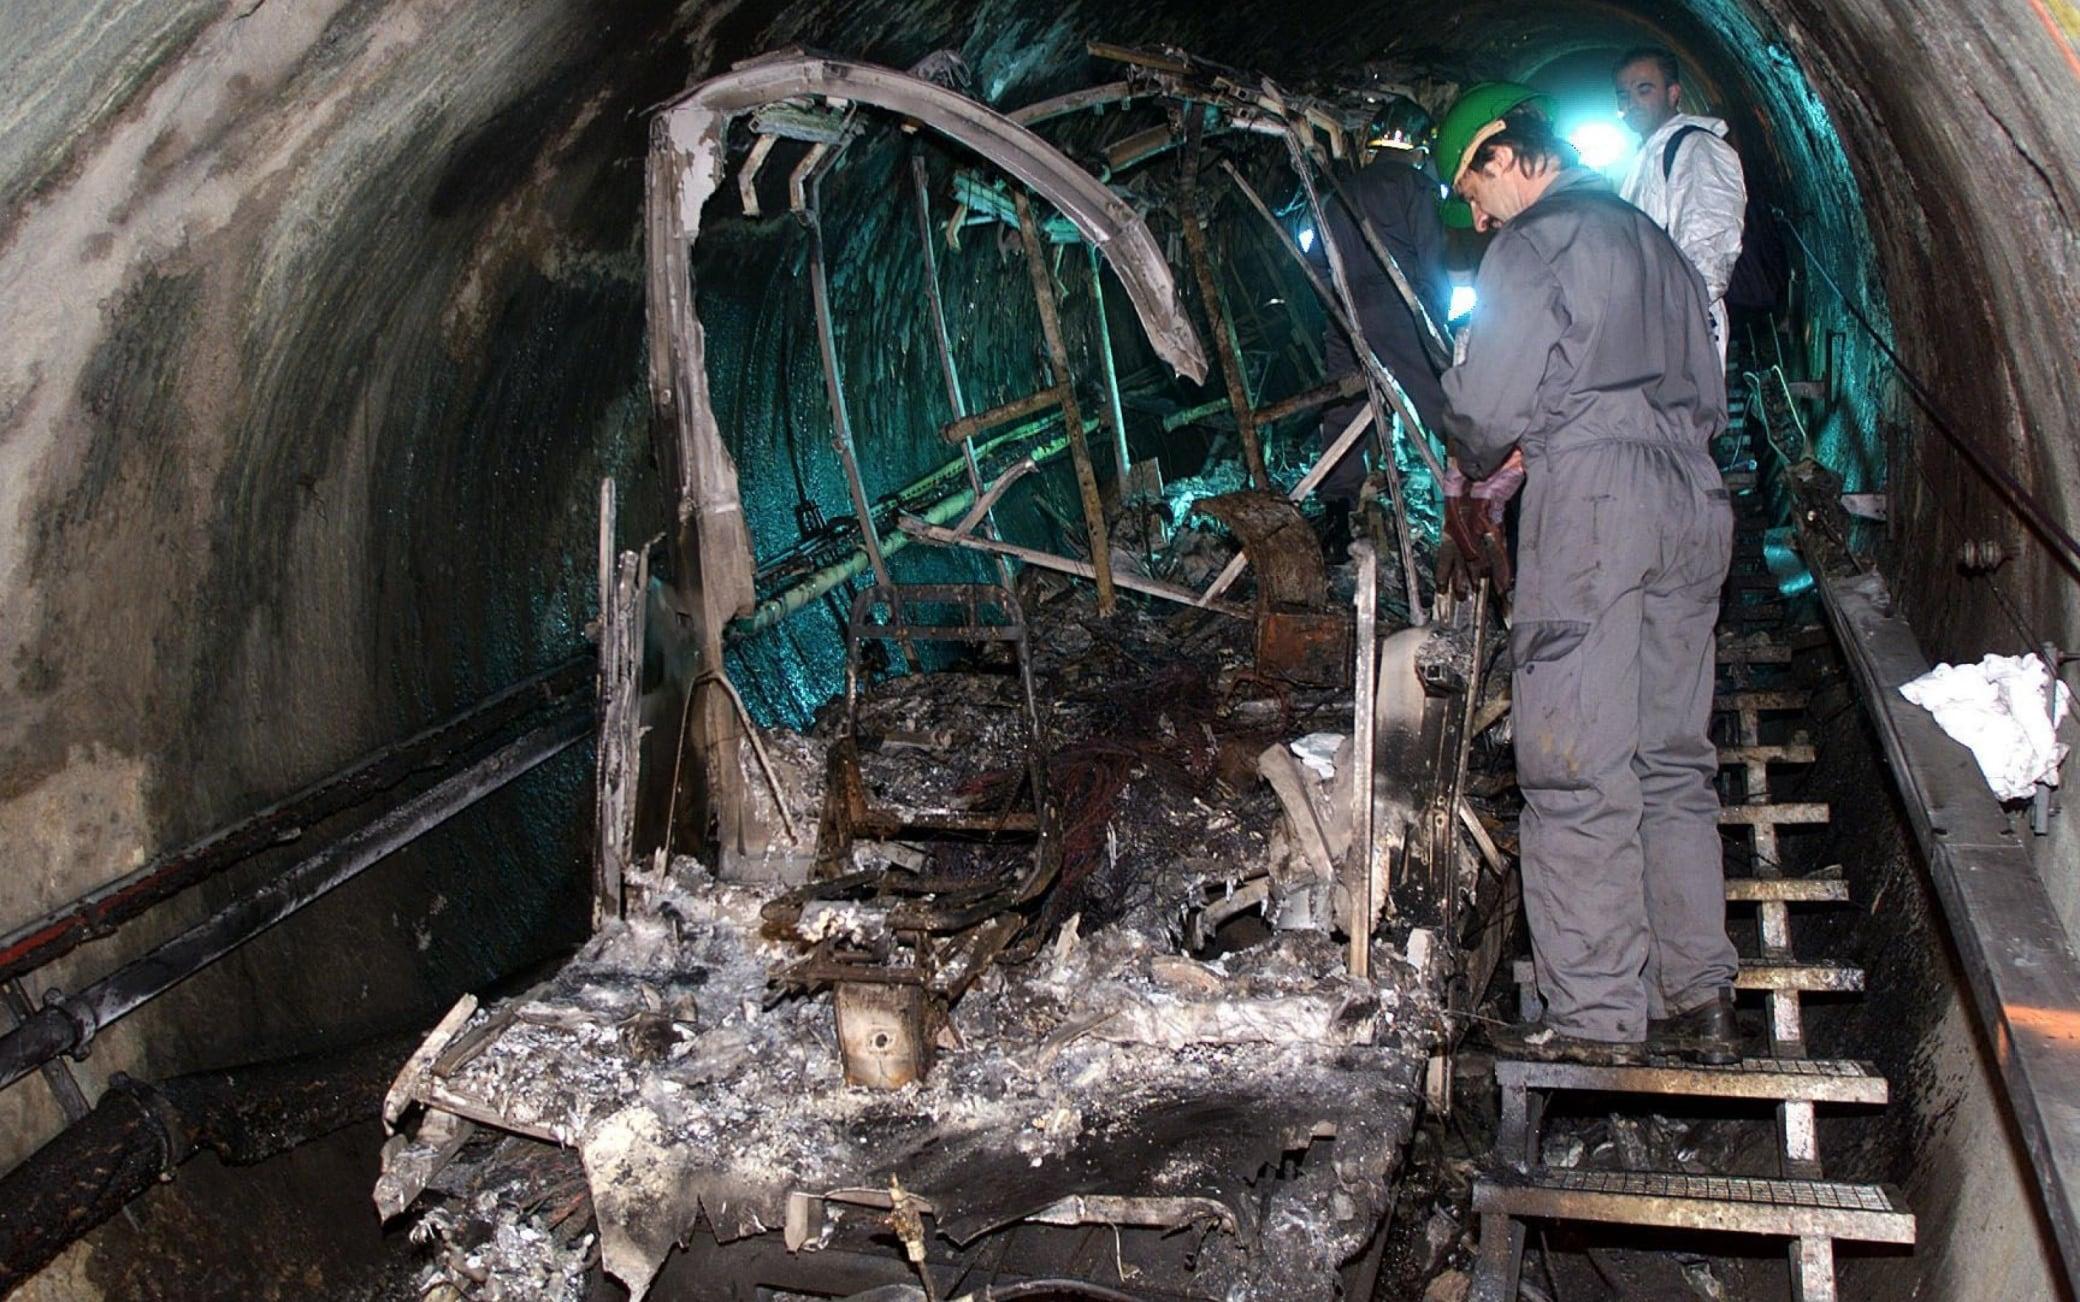 L'incidente al trenino funicolare di Kaprun del 2000